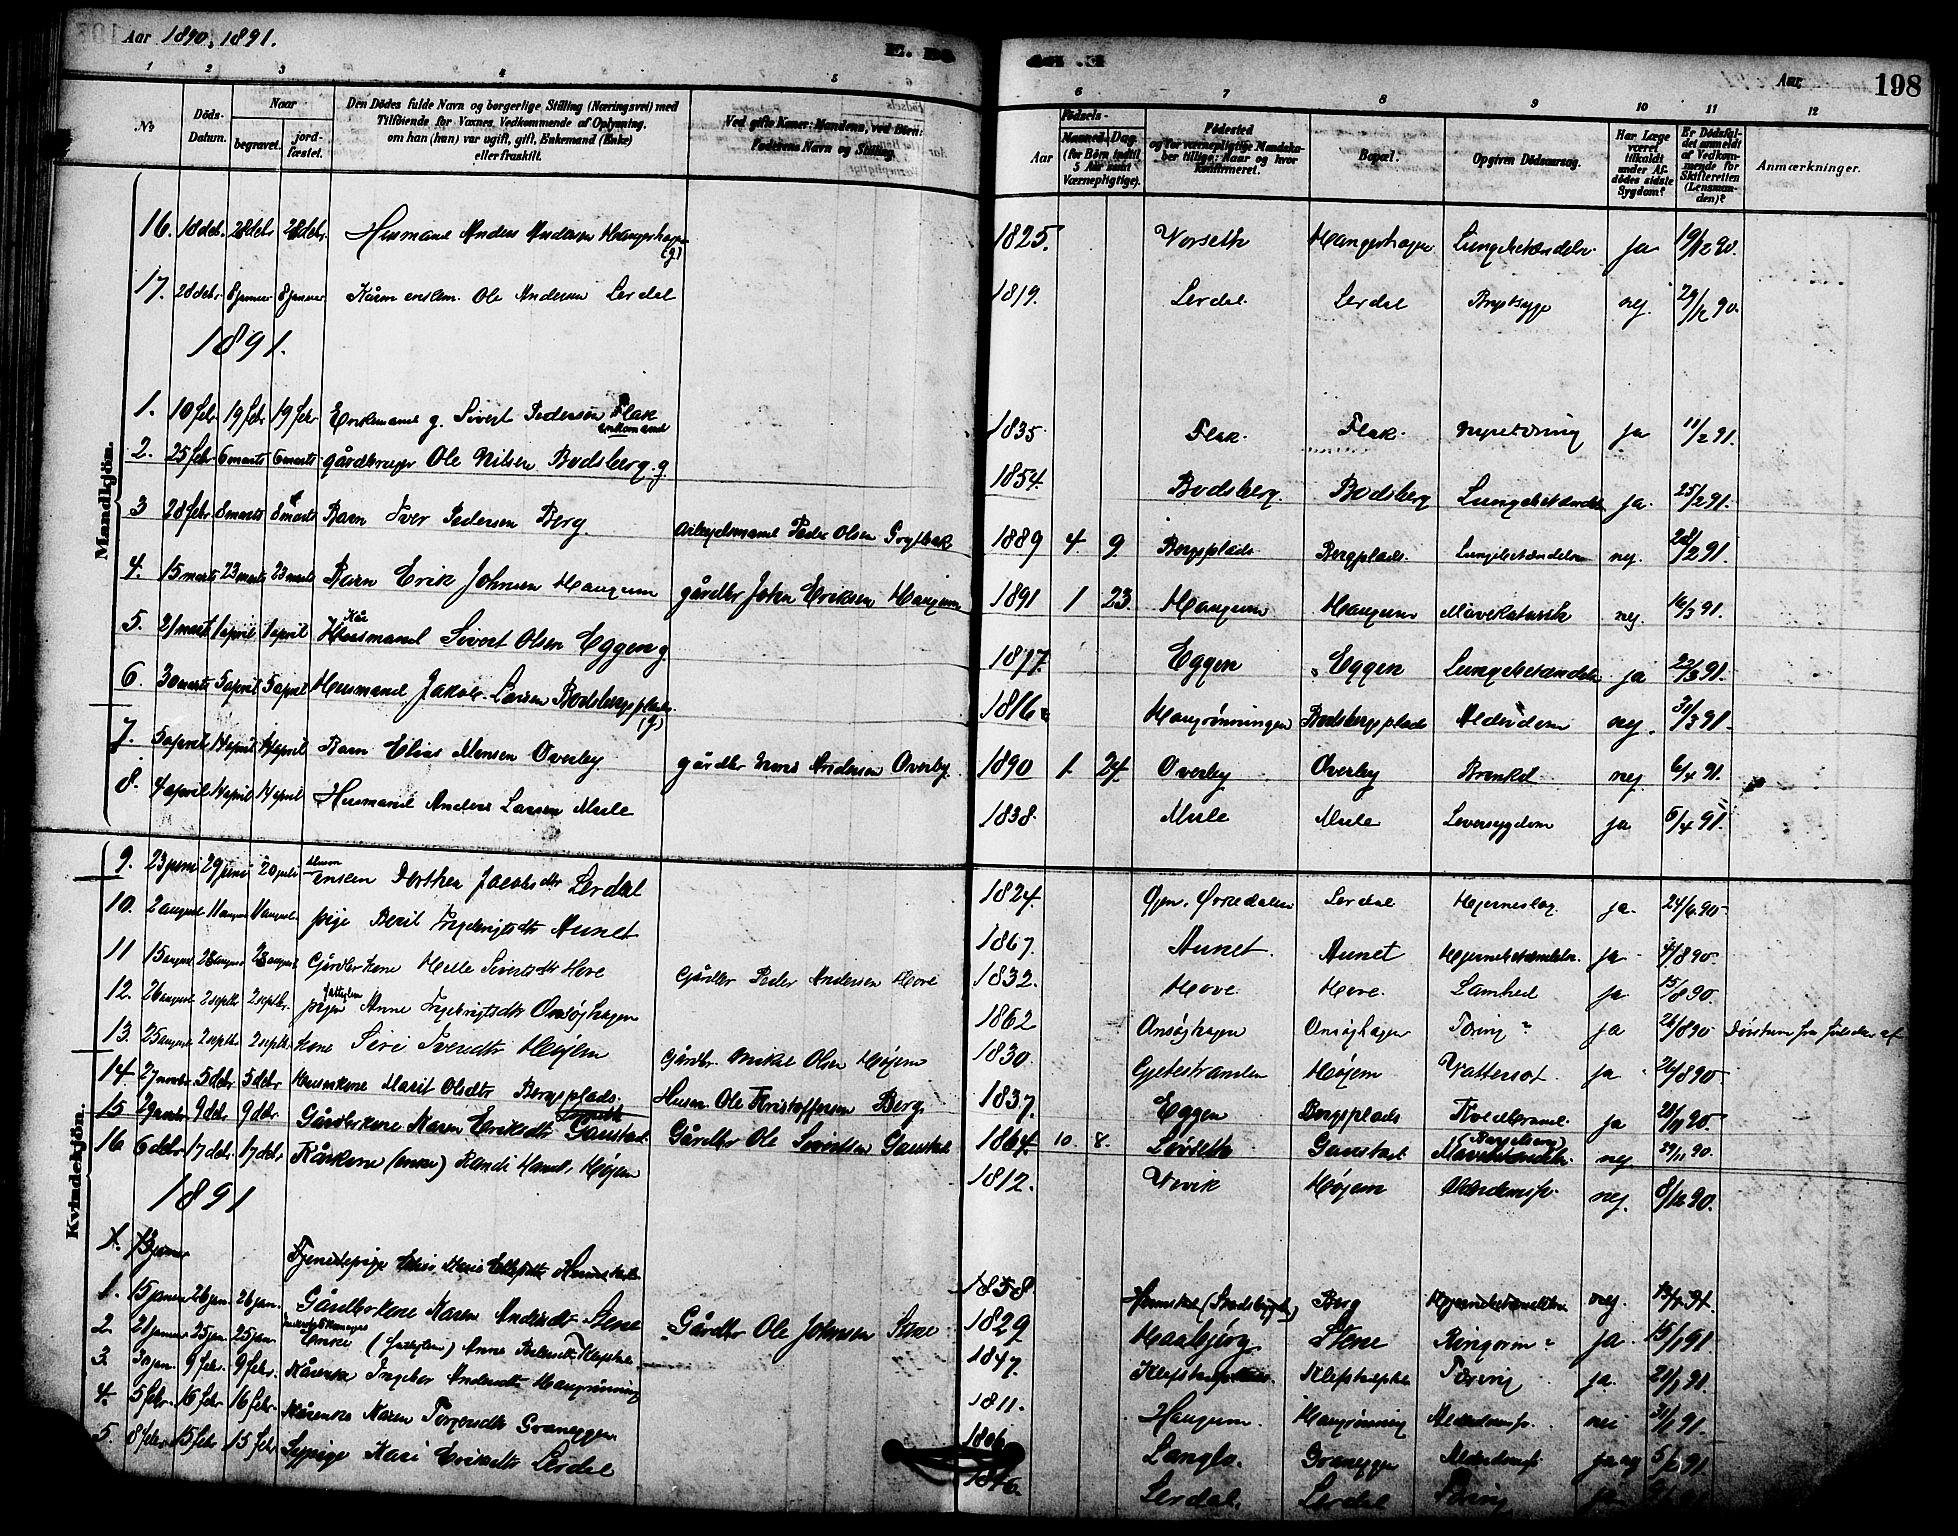 SAT, Ministerialprotokoller, klokkerbøker og fødselsregistre - Sør-Trøndelag, 612/L0378: Ministerialbok nr. 612A10, 1878-1897, s. 198